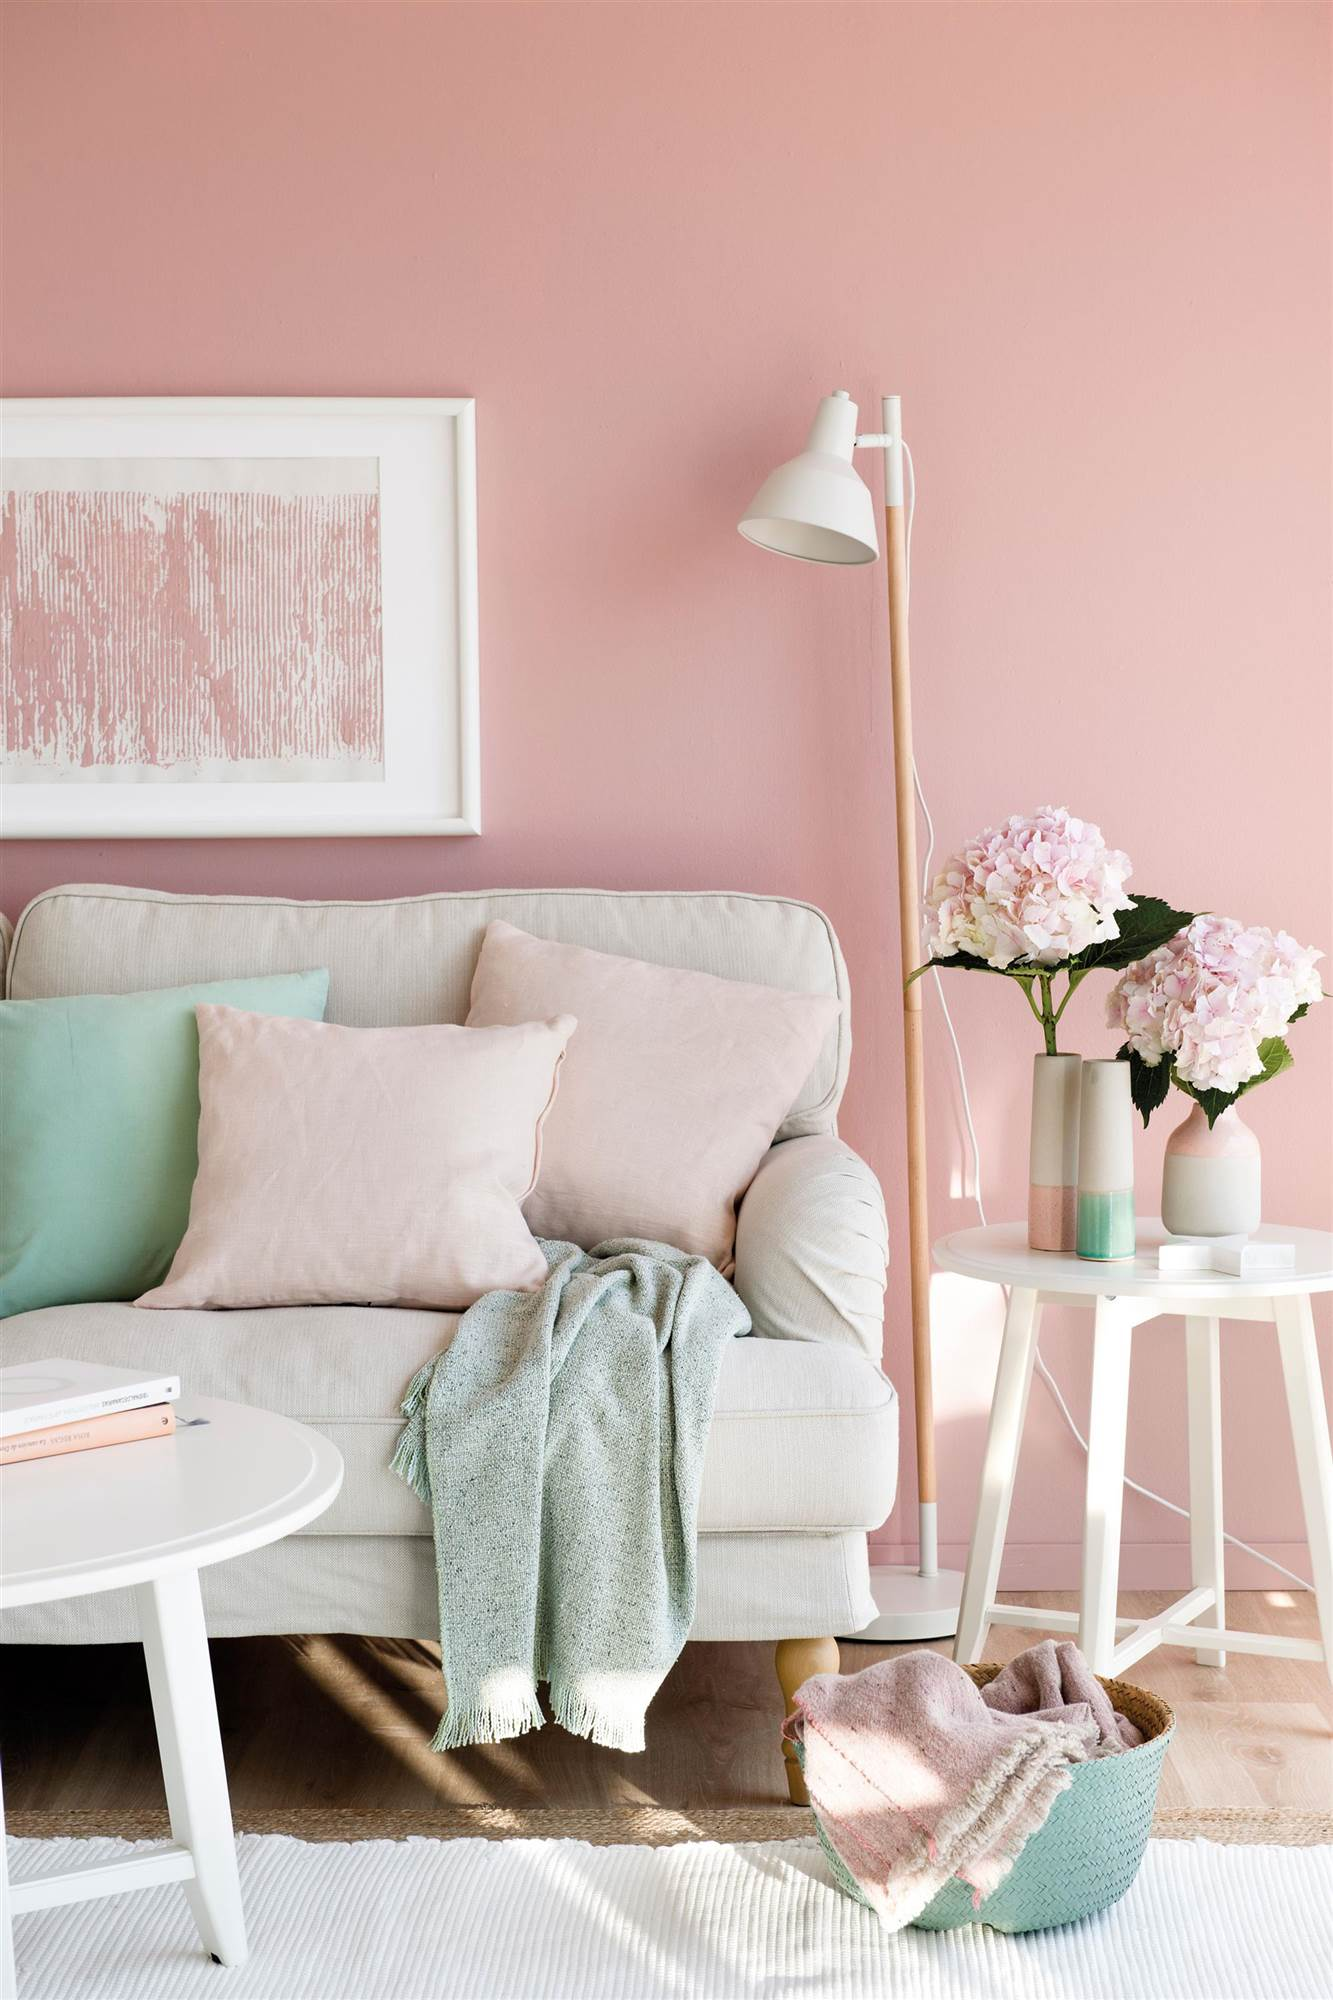 salon con pared pintada de rosa_LIBRA-00451368